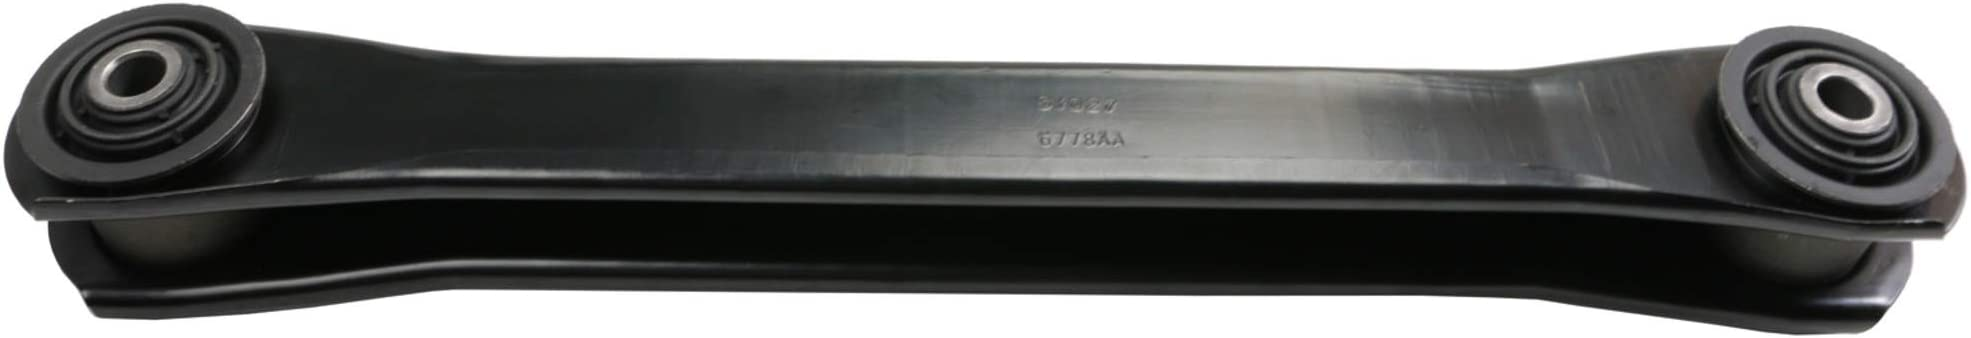 Moog RK620248 Control Arm